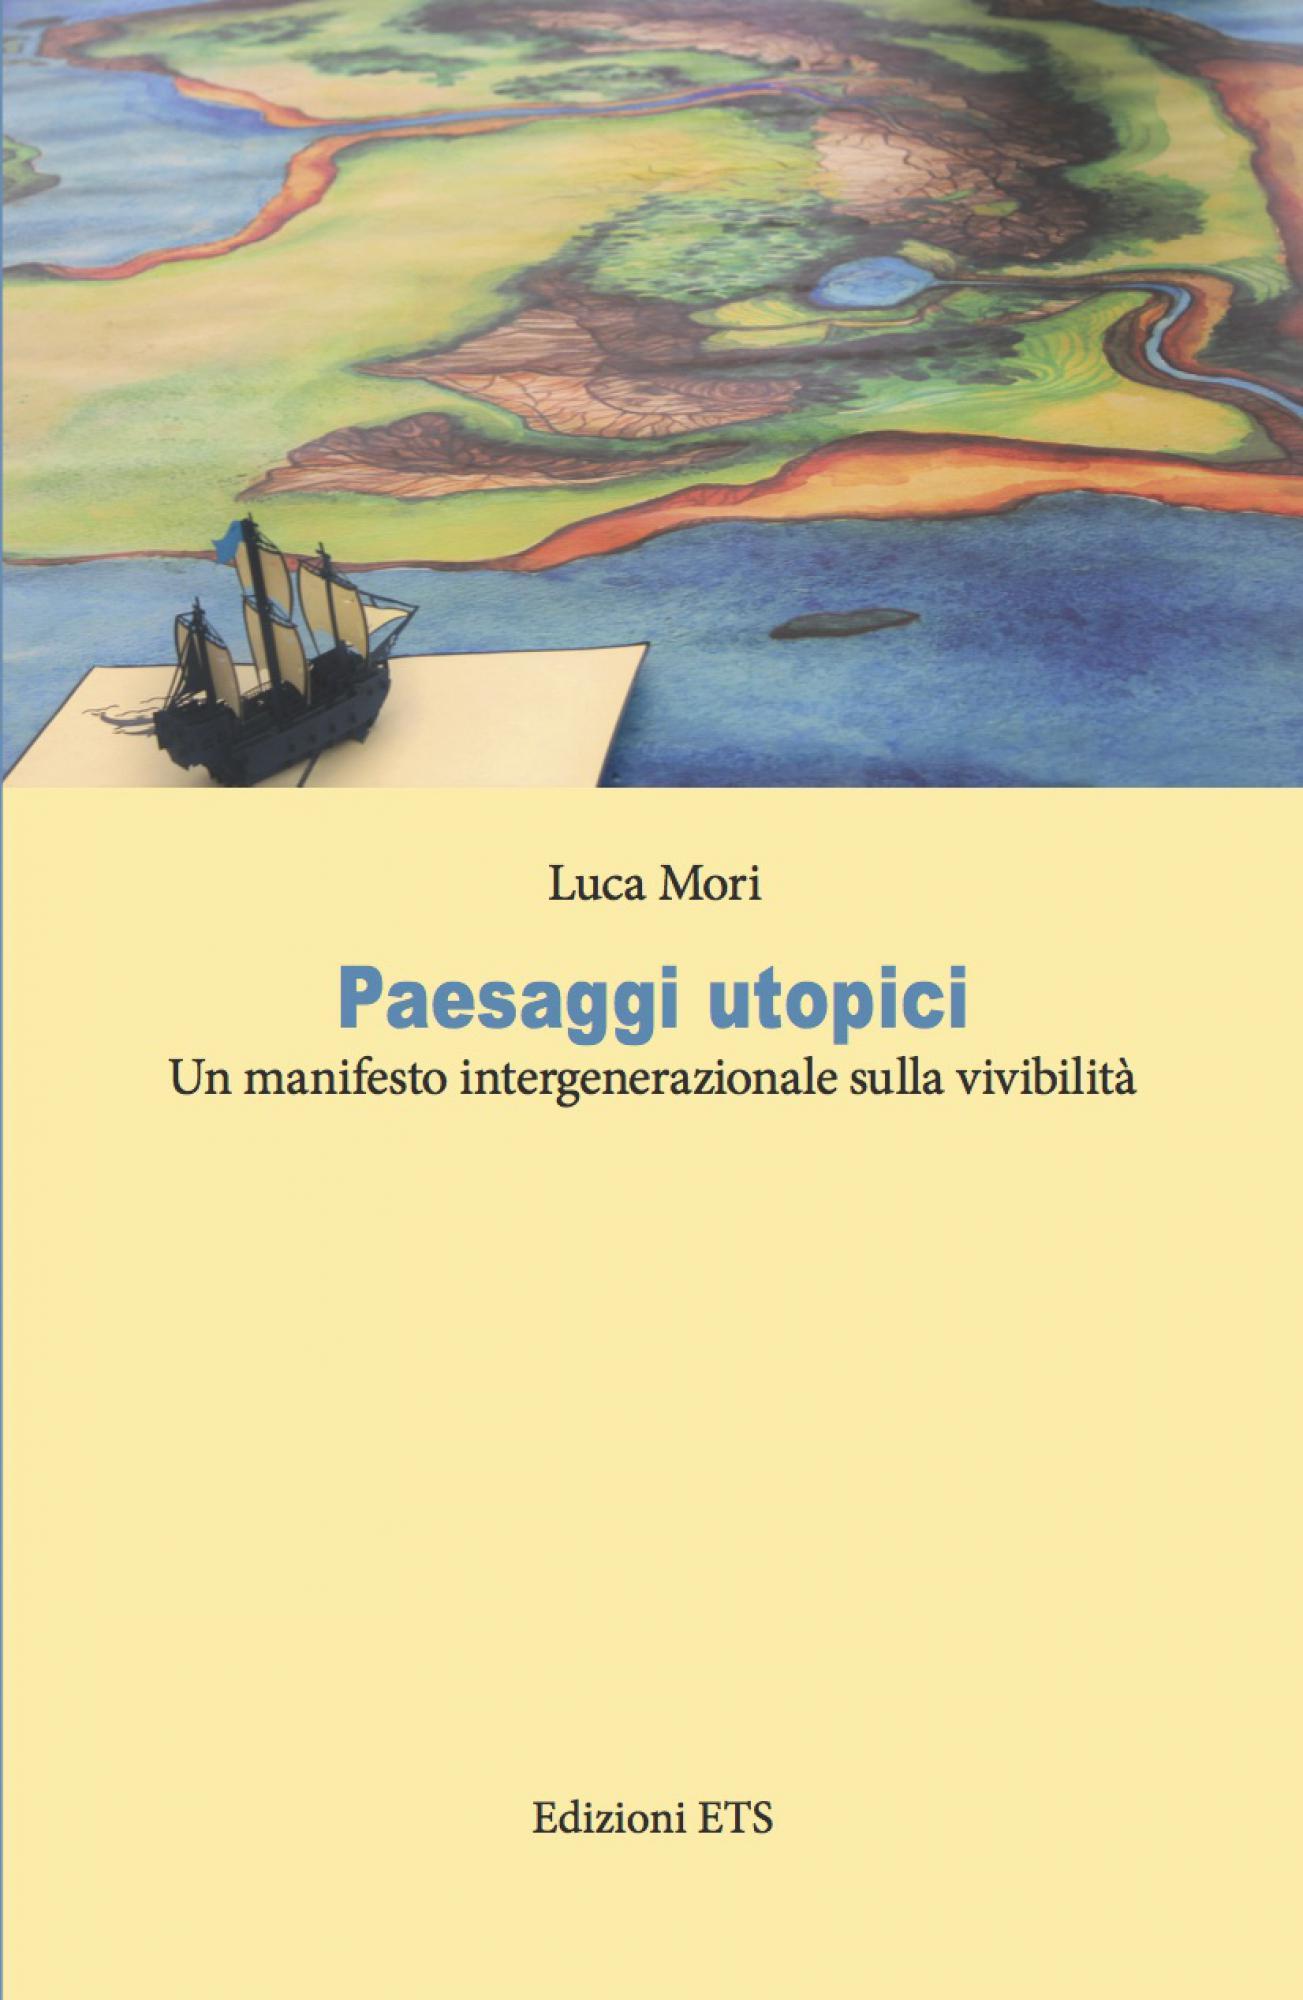 Paesaggi utopici.Un manifesto intergenerazionale sulla vivibilità